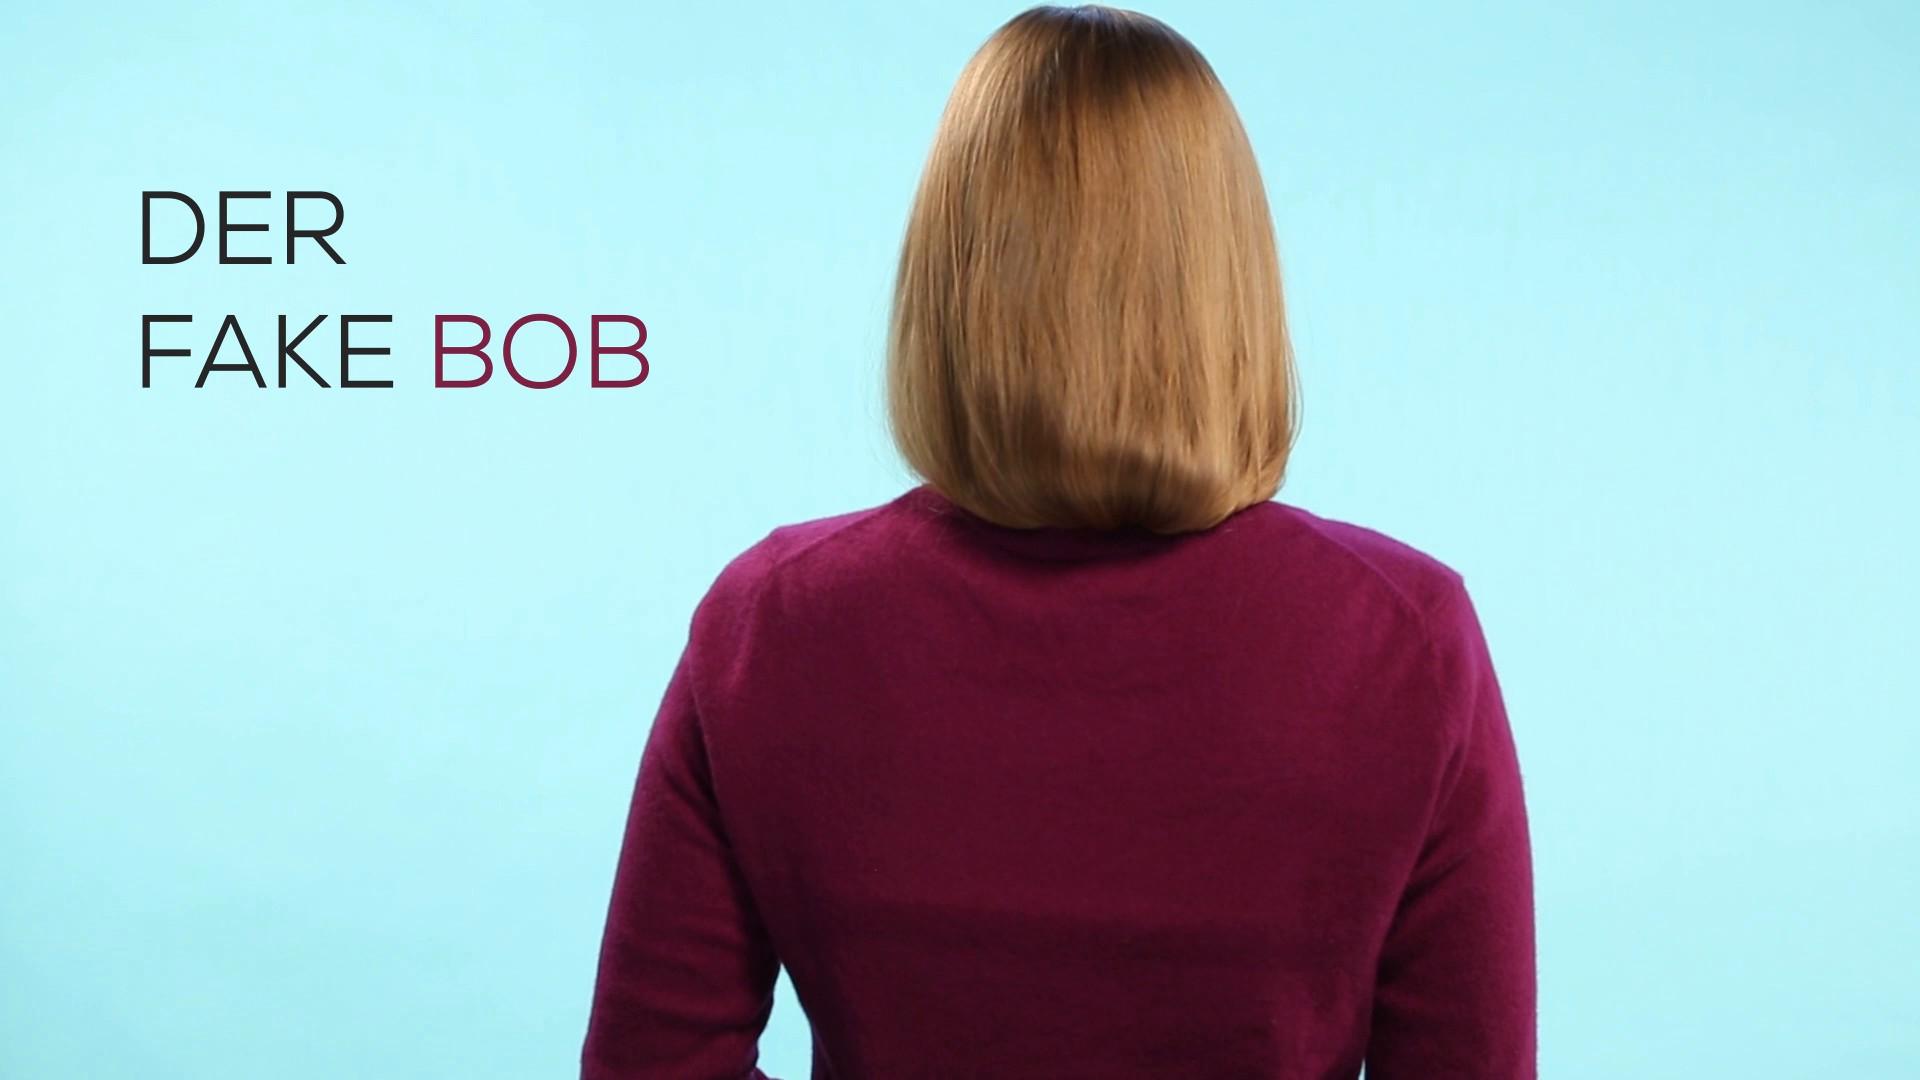 Fake Bob_EL.mp4: image 0